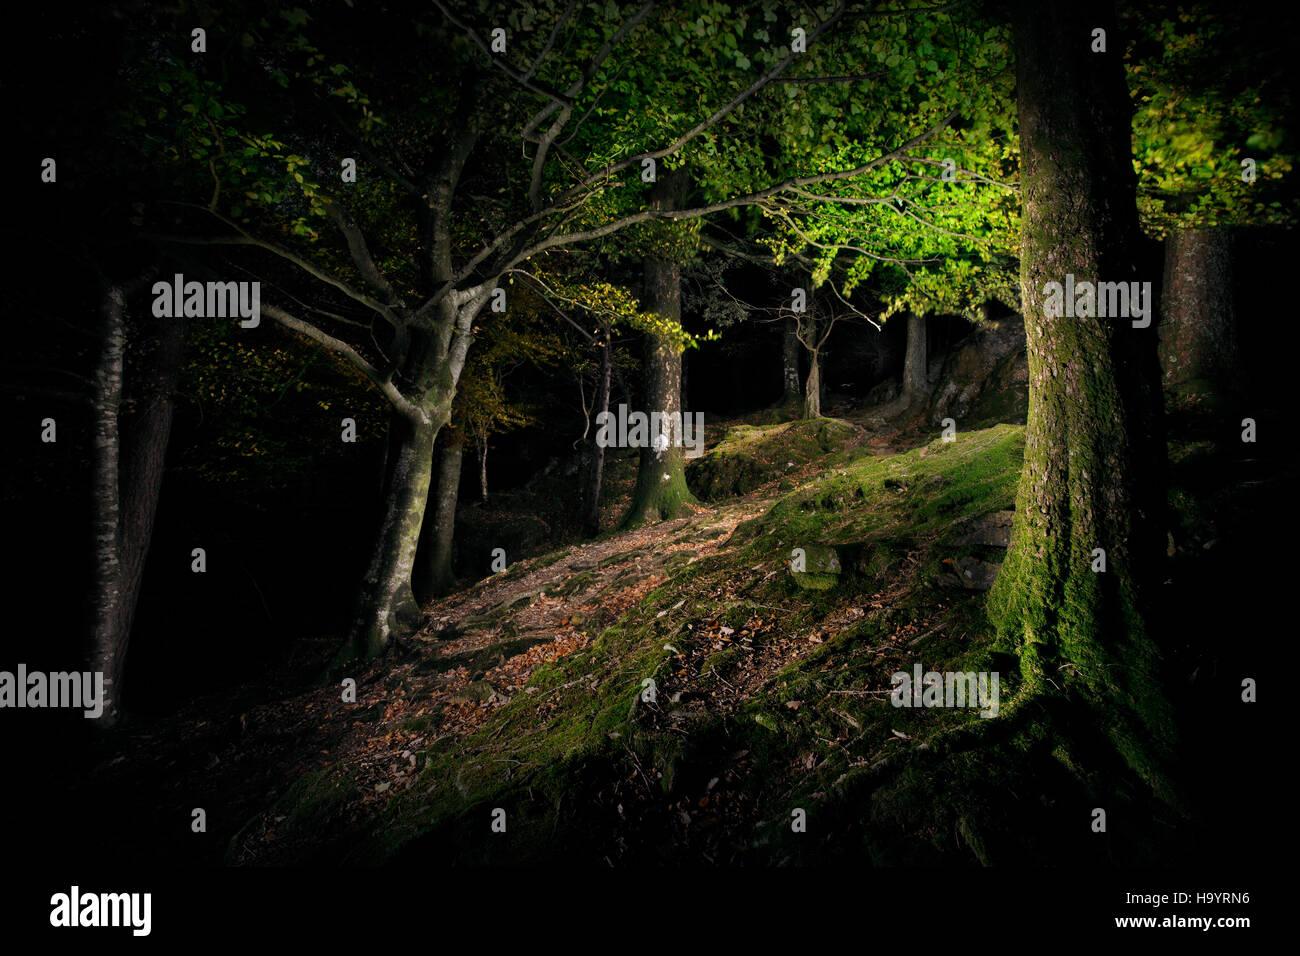 Una madera oscura por la noche. Imagen De Stock